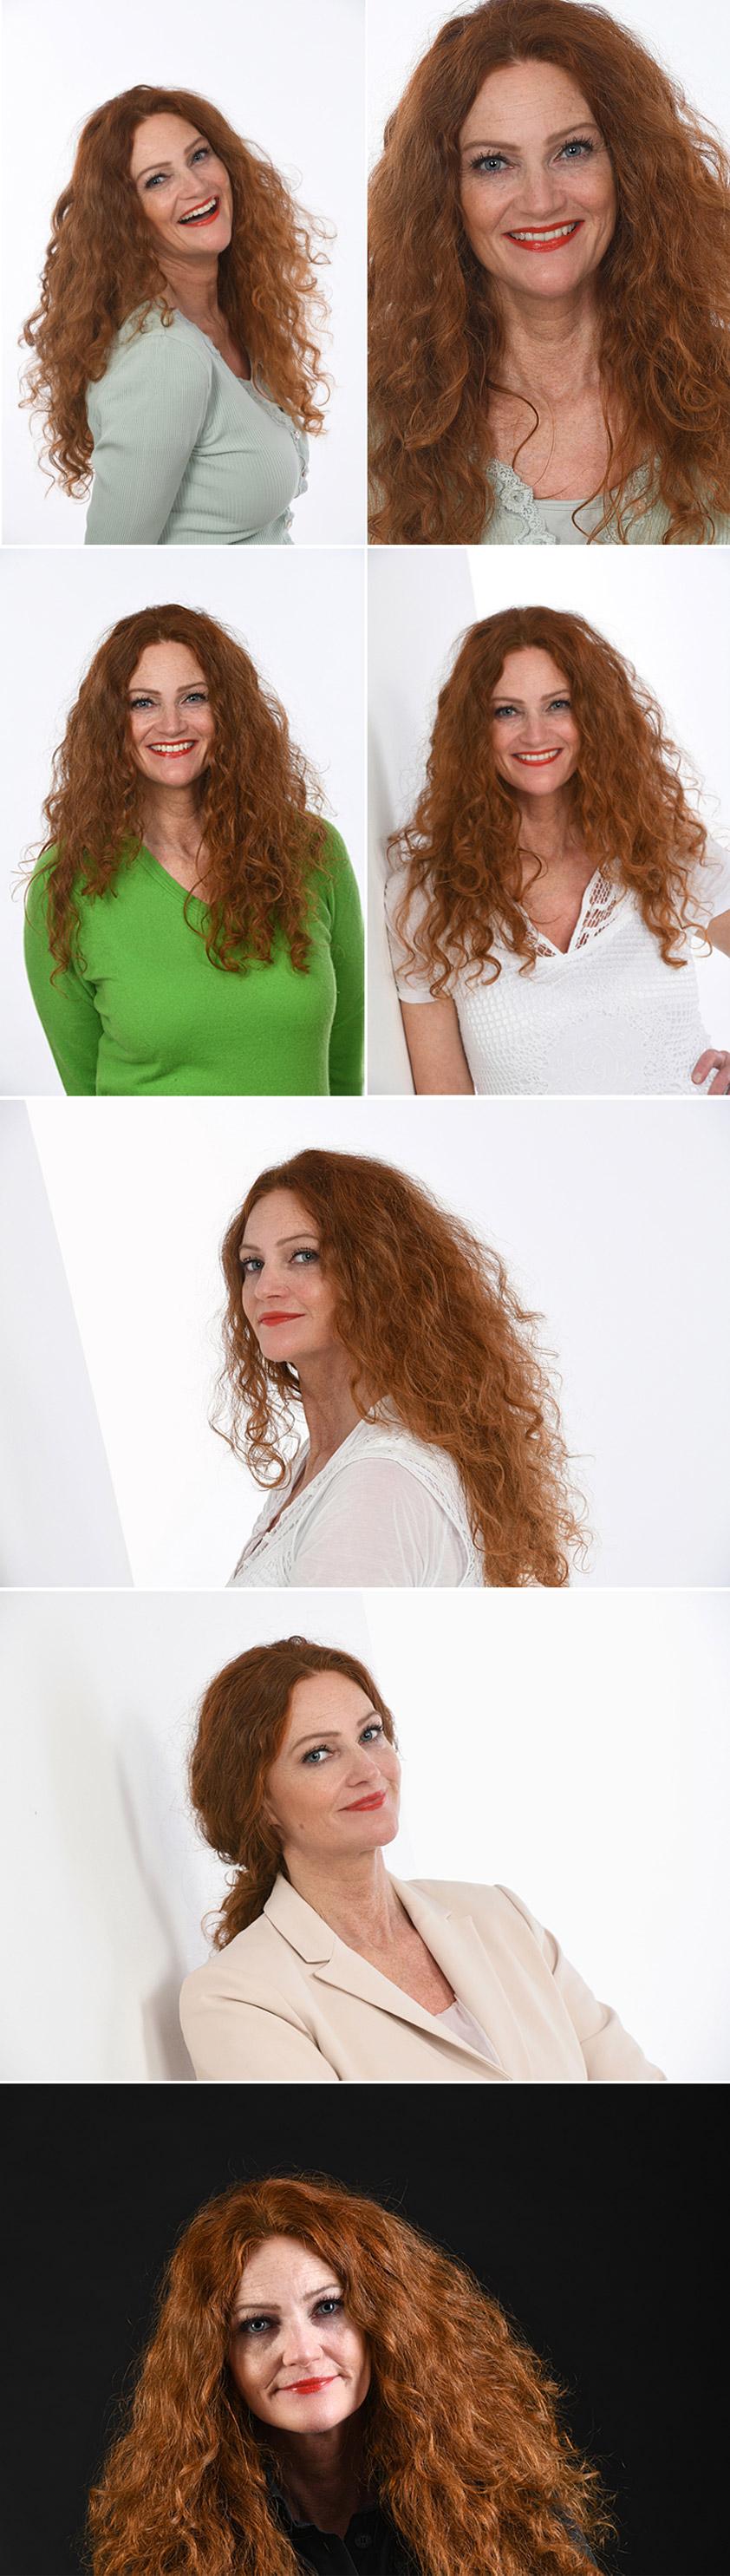 Kerstin Fleer Model